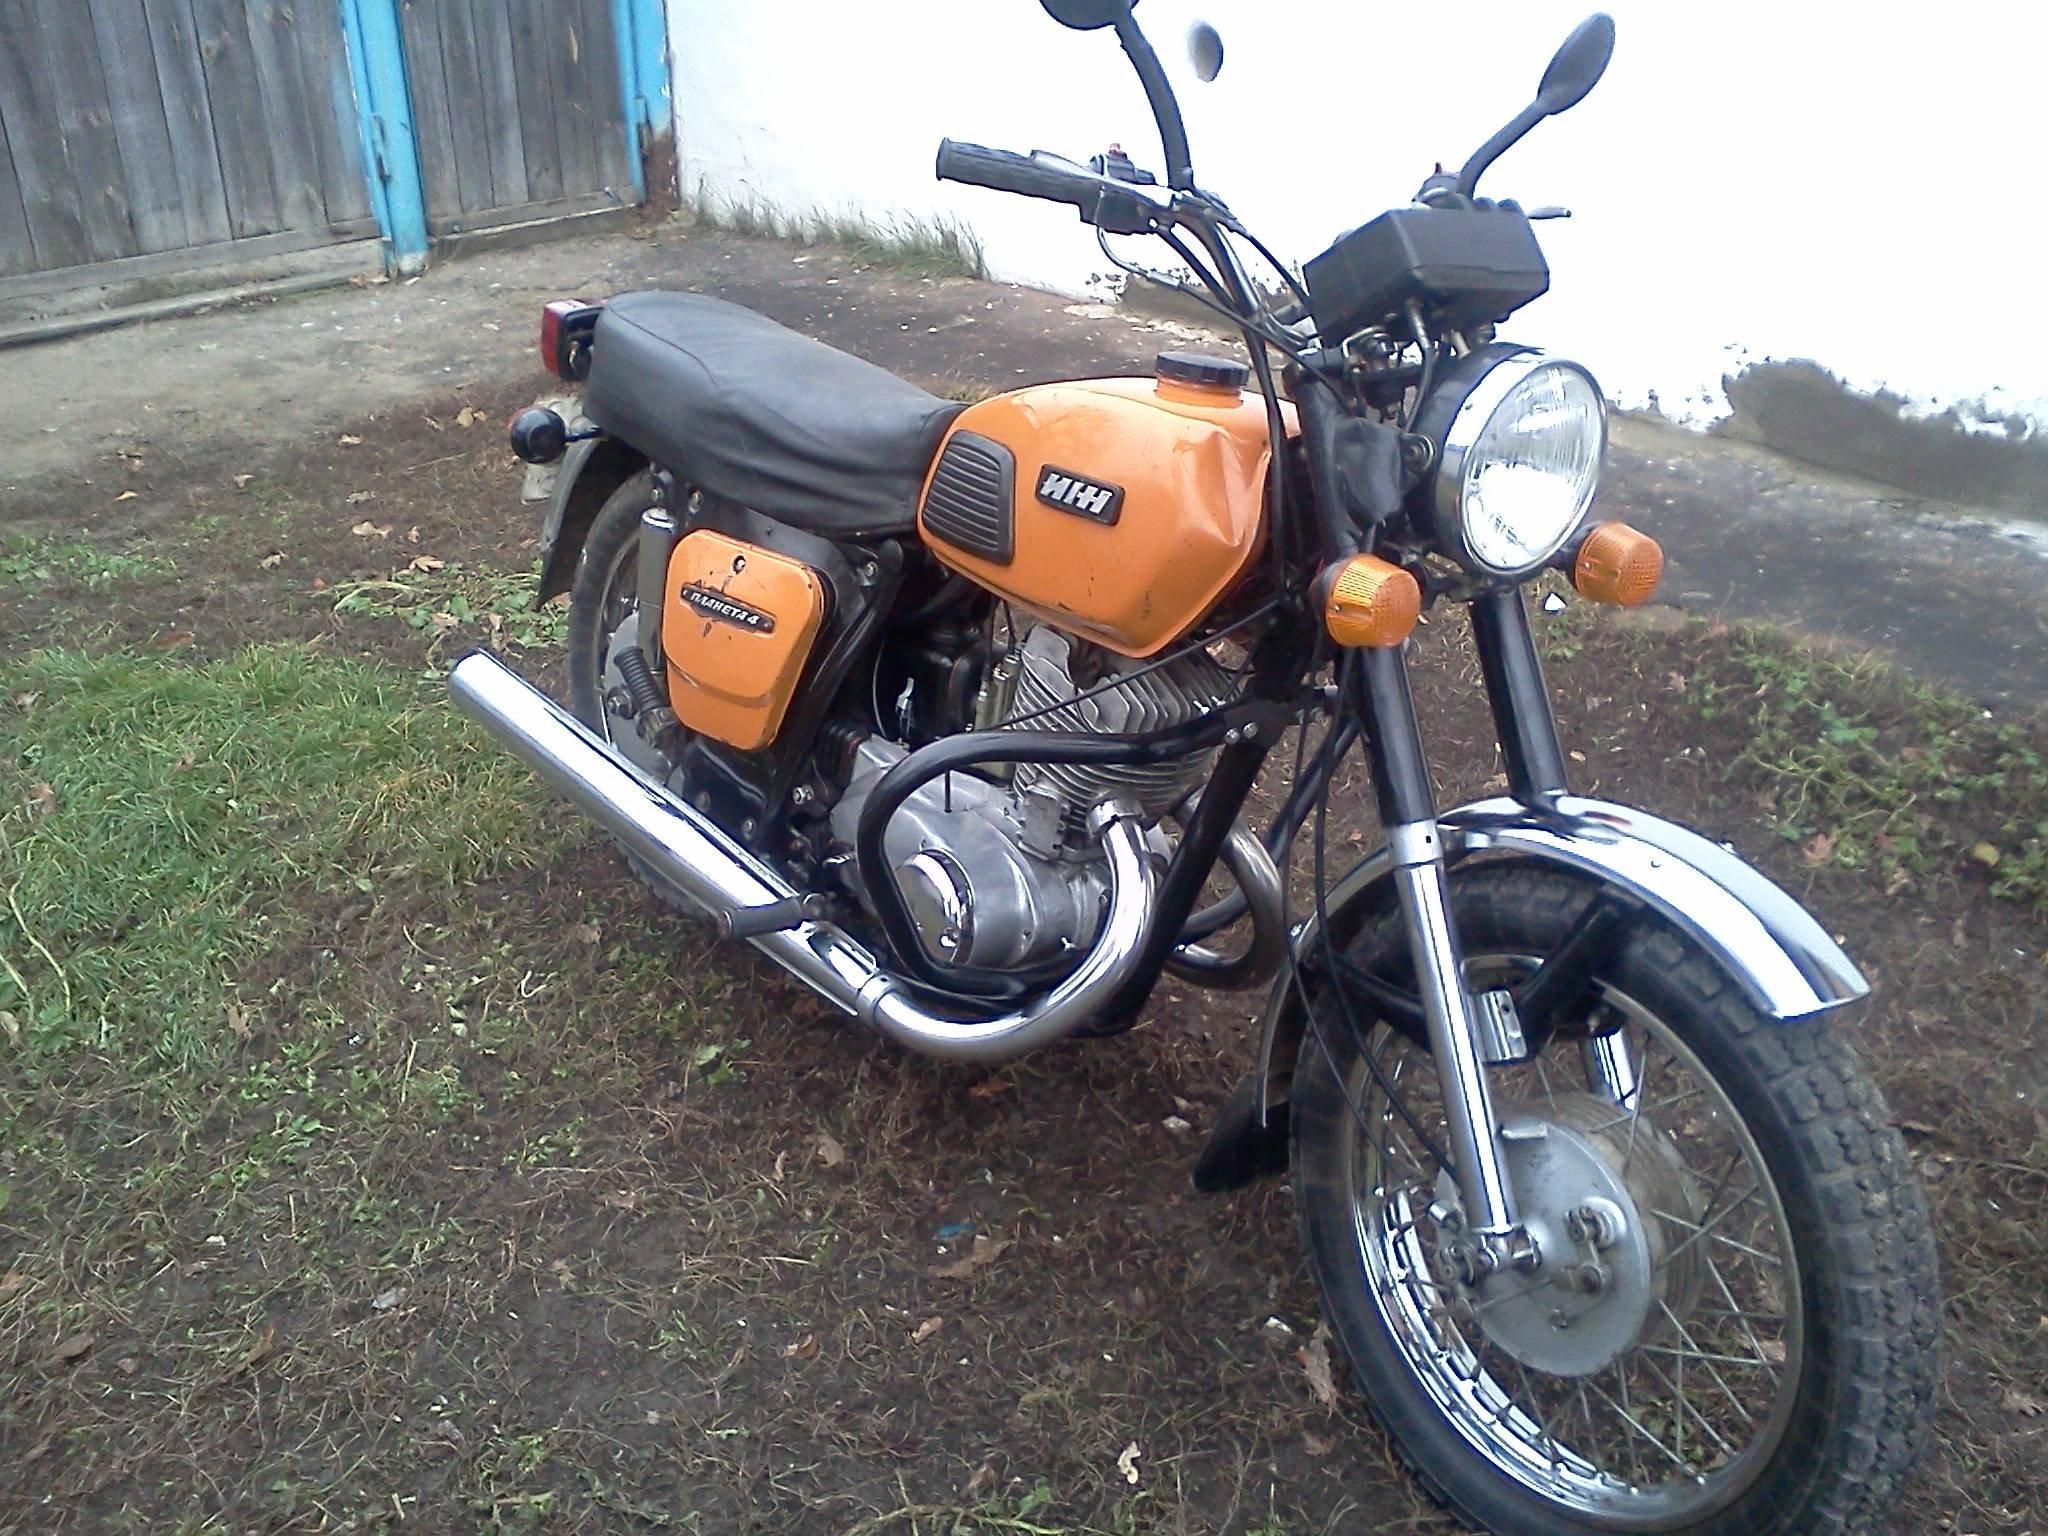 Житель Кислиц сходил в бар и остался без мотоцикла